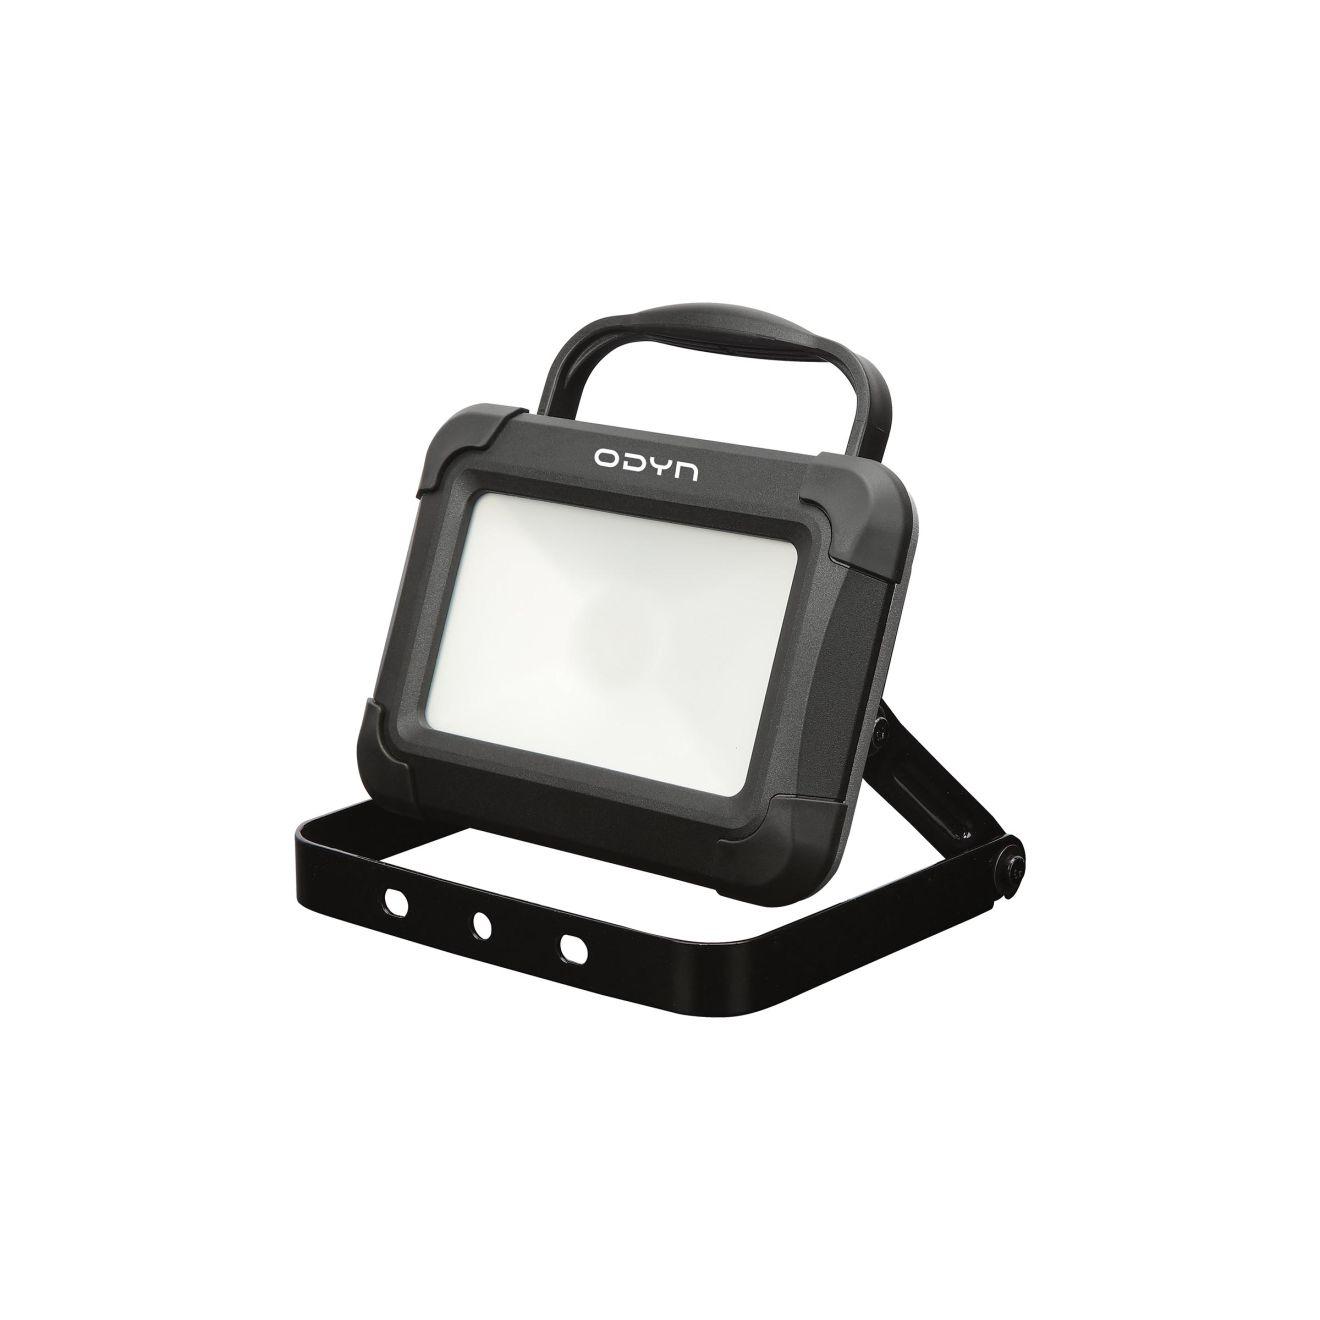 Odyn 1500-Lumen Rechargeable LED Work Light